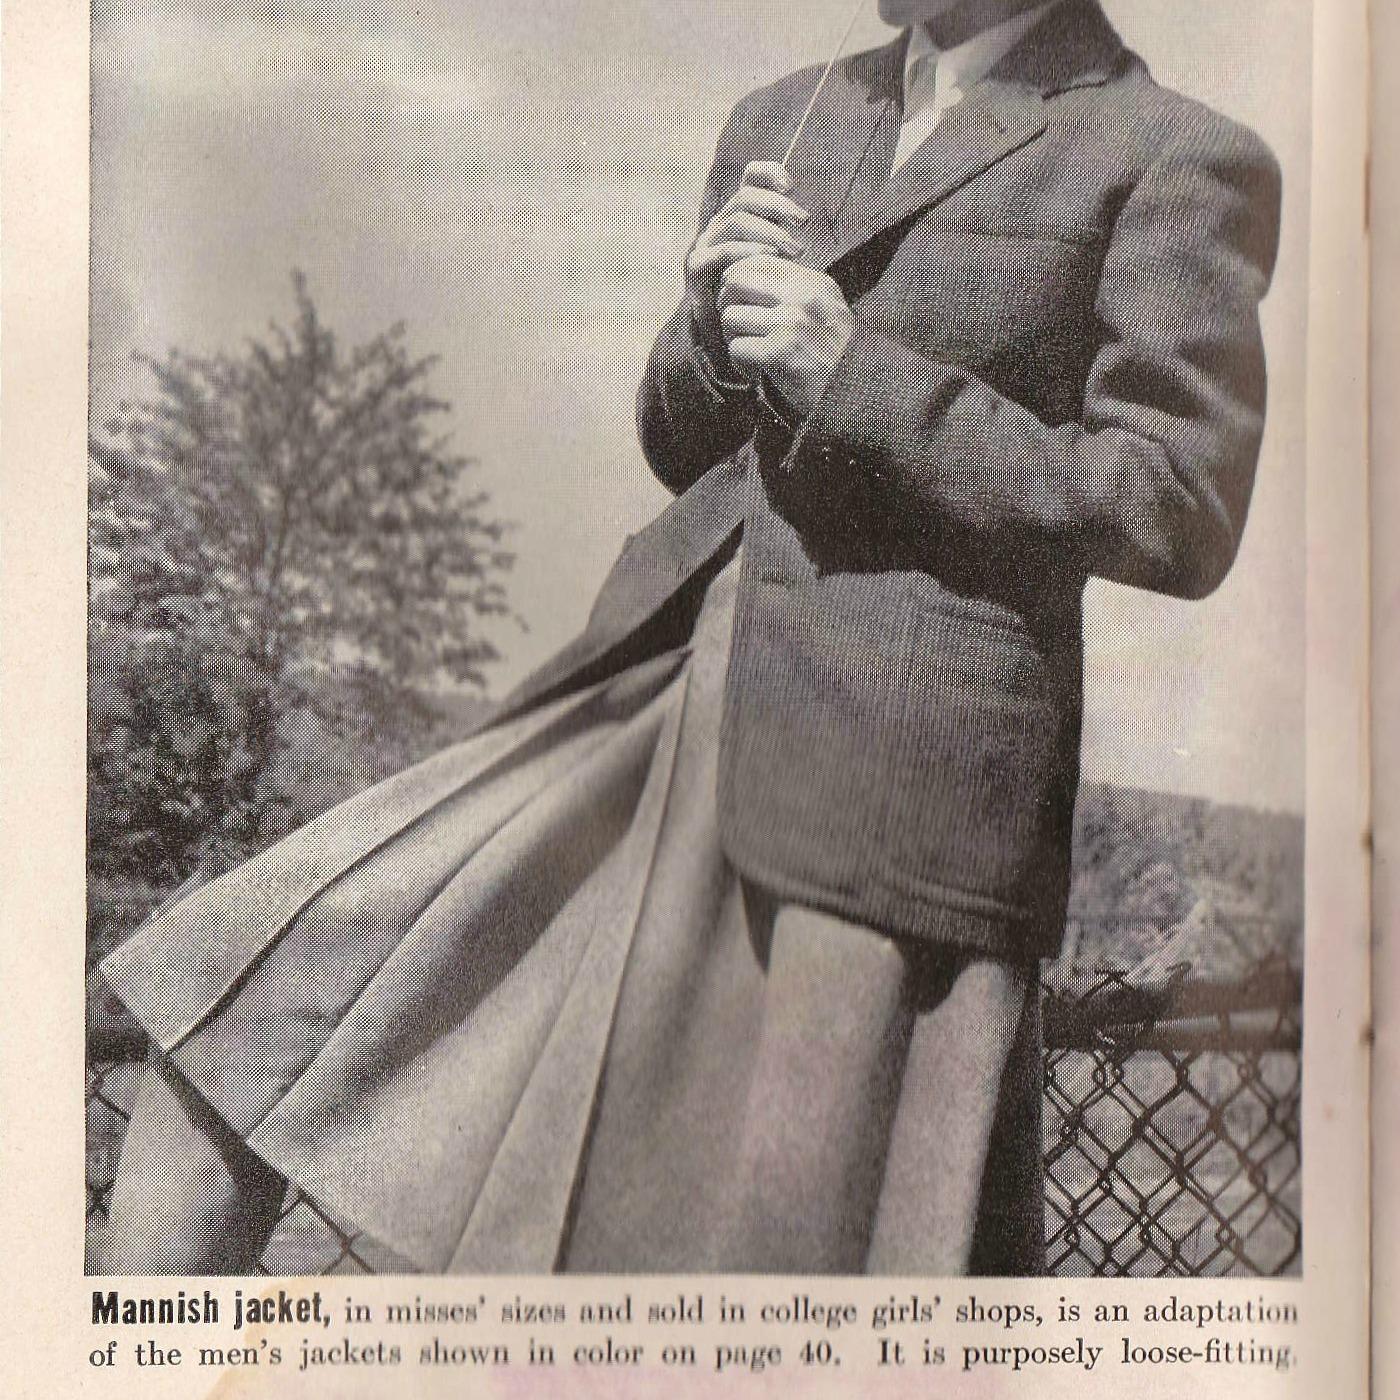 The Mannish Jacket